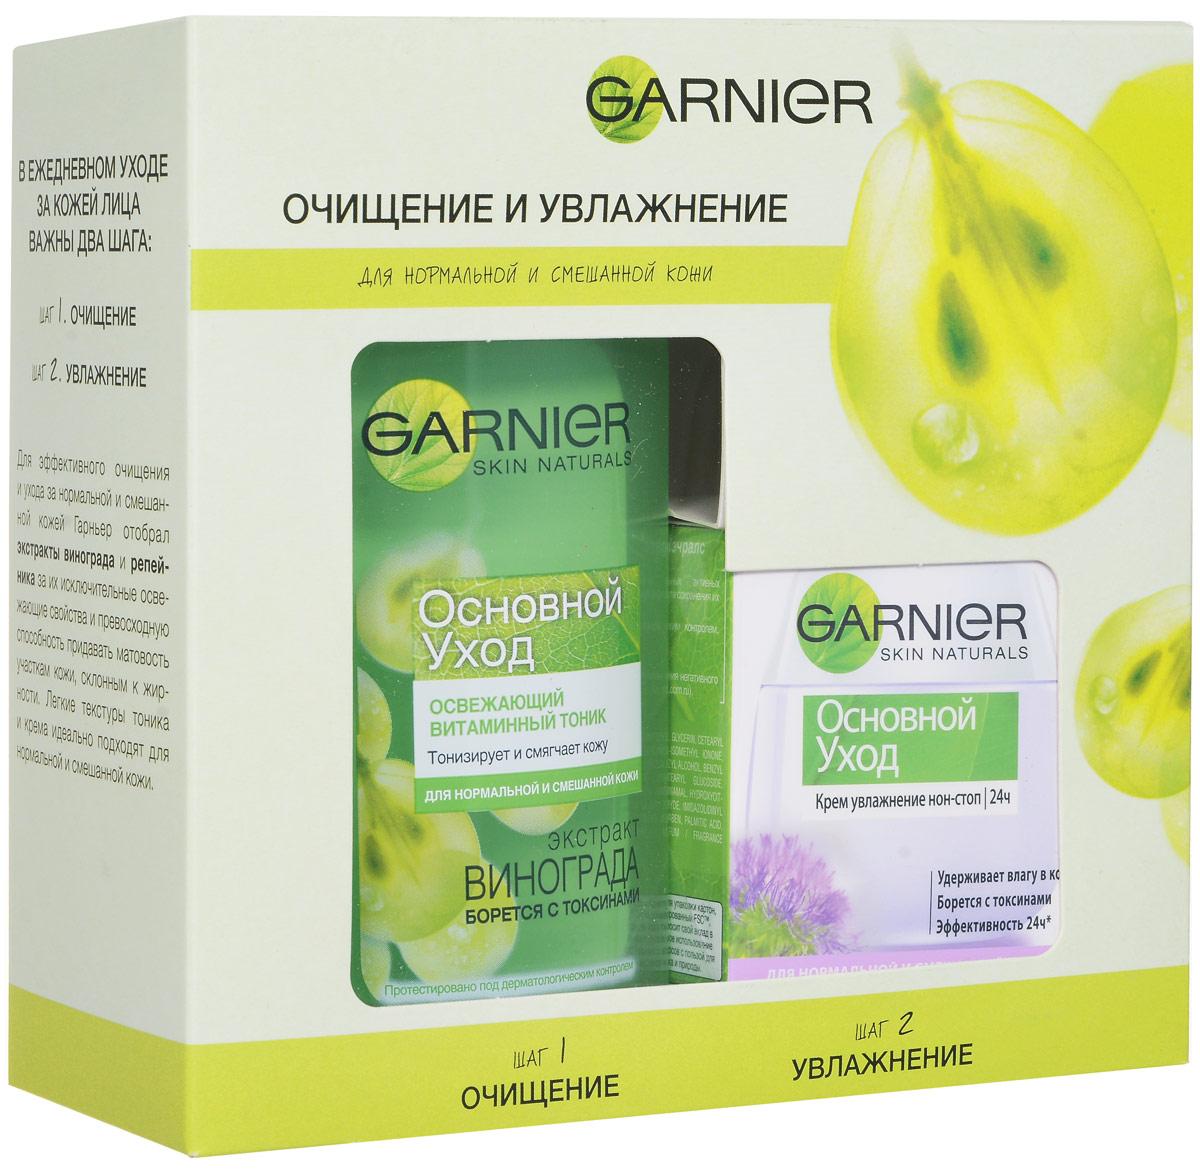 Набор Garnier Основной уход Очищающий тоник для лица, 200 мл + Крем для лица Увлажнение нон-стоп, 50 мл, -50% на второй продукт